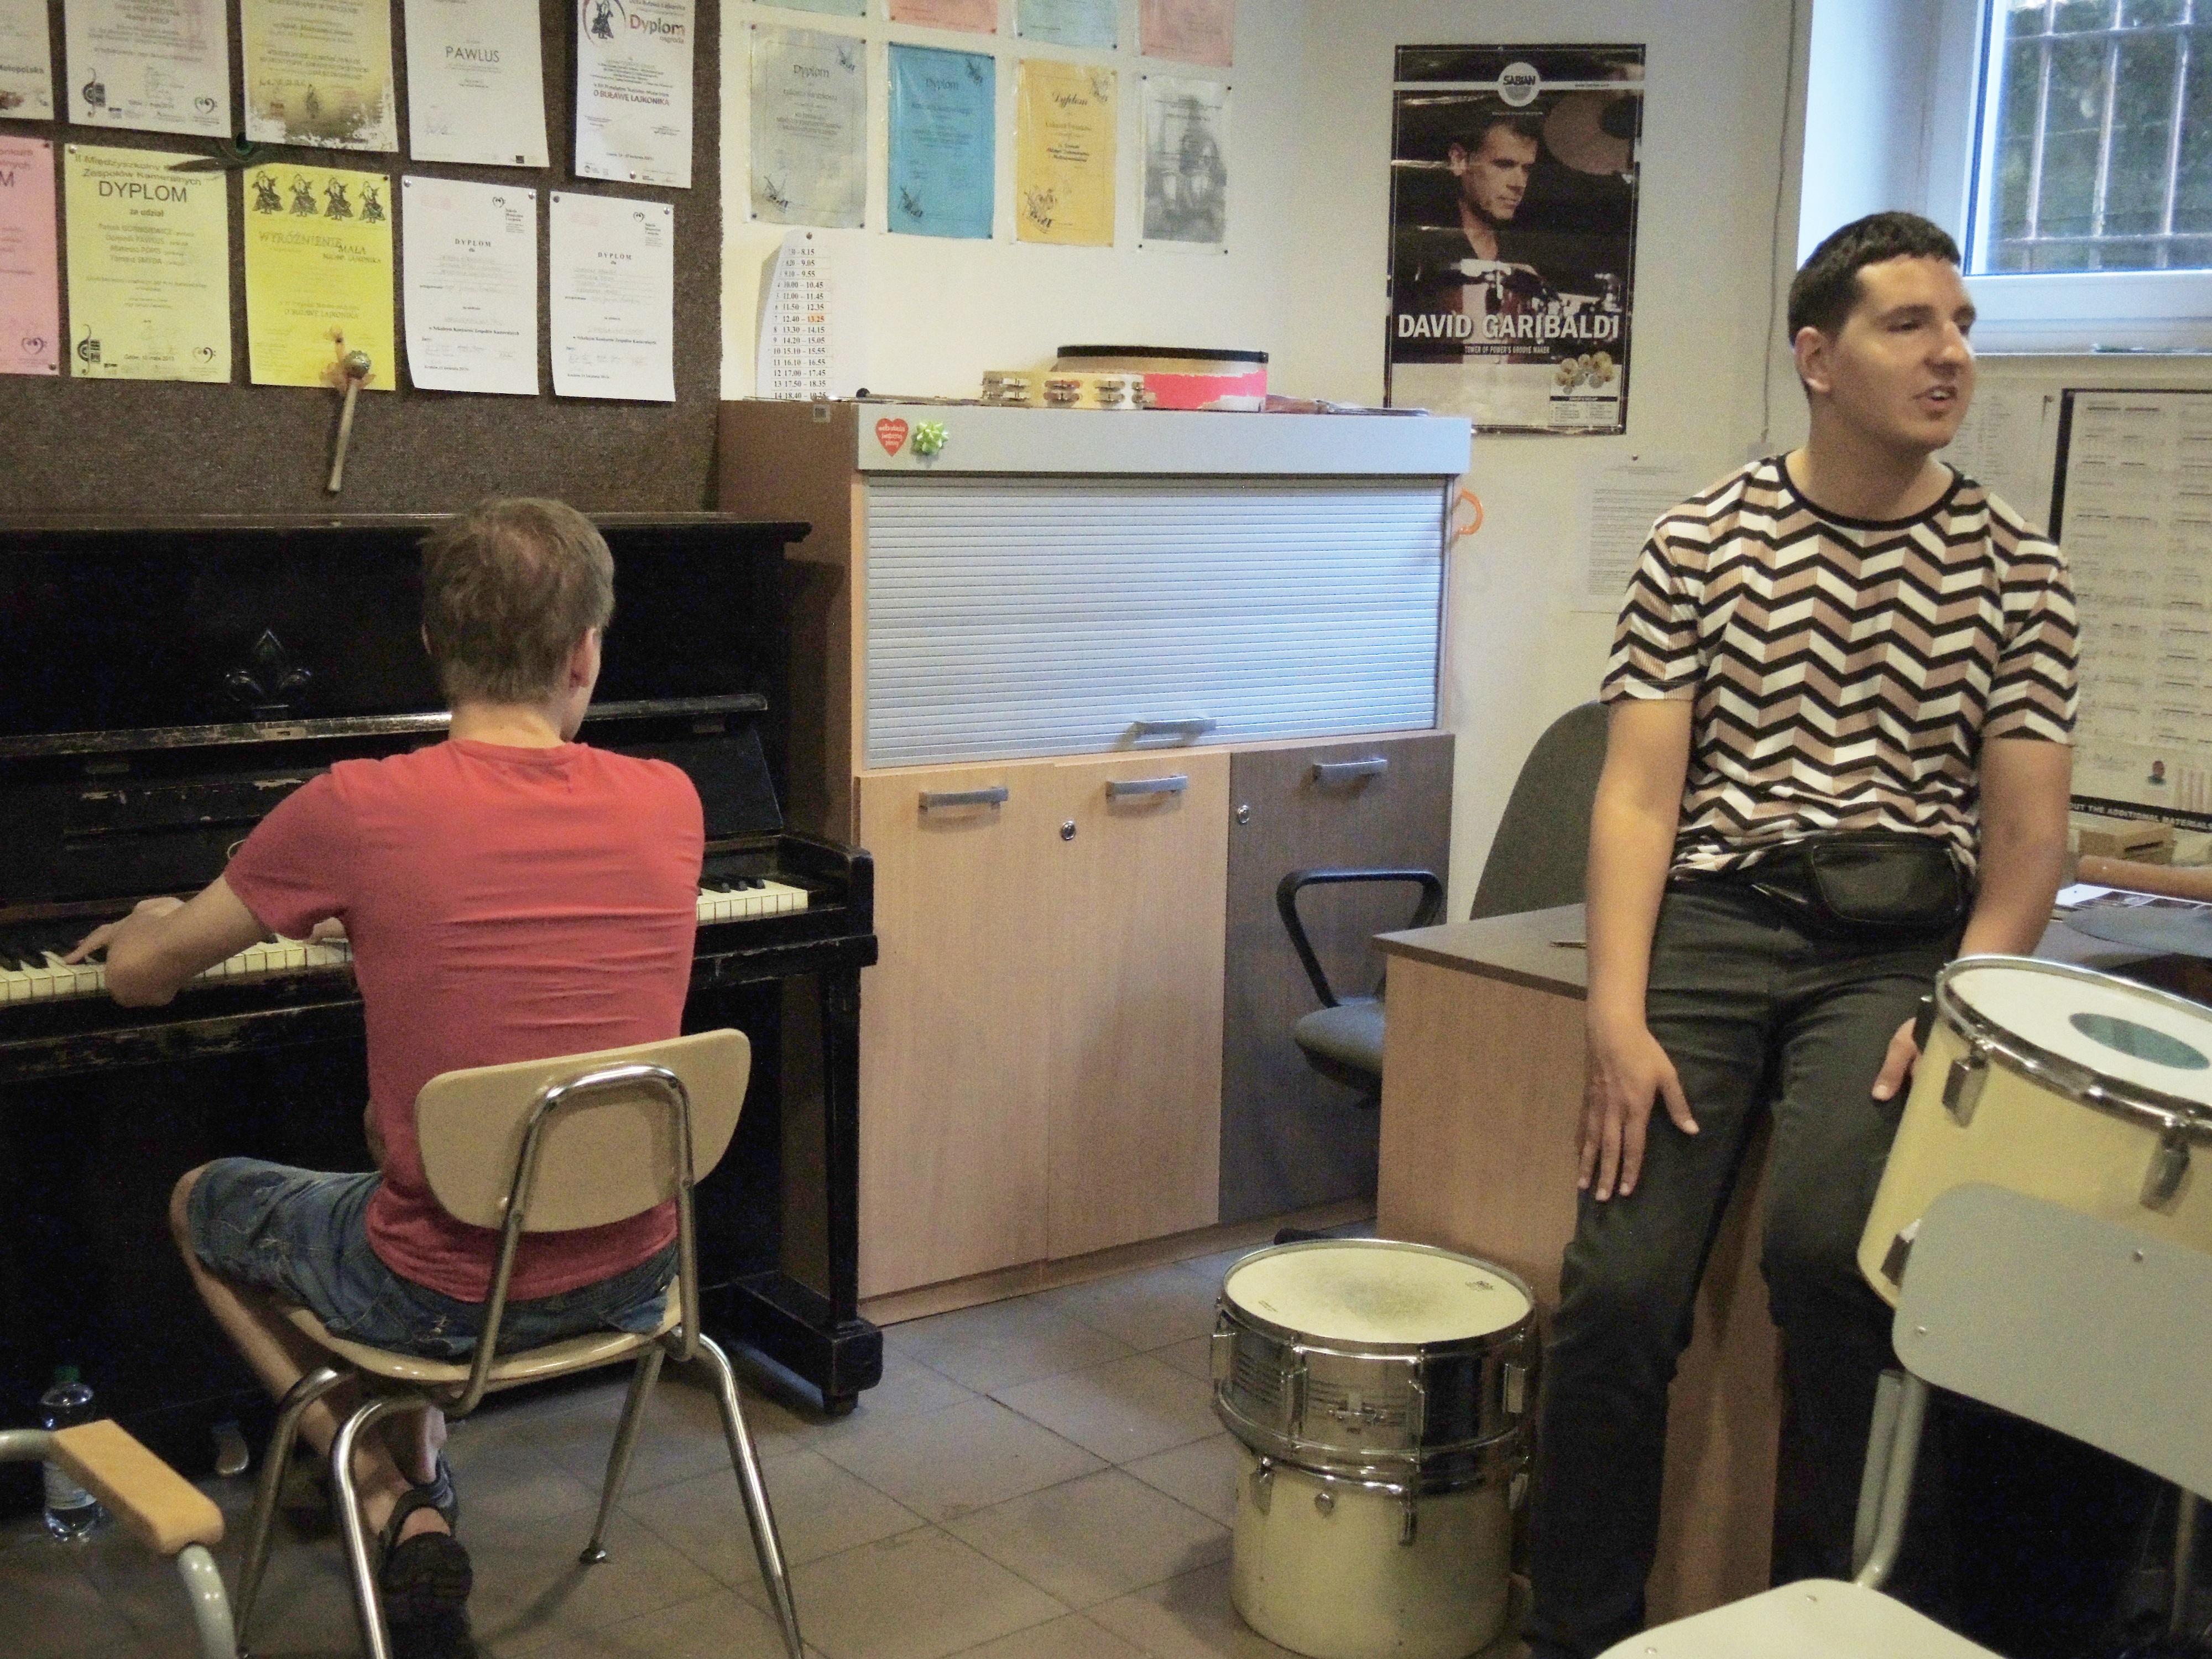 Na zdjęciu znajduje się dwóch mężczyzn. Jeden siedzi na krawędzi biurka, a drugi gra na fortepianie.